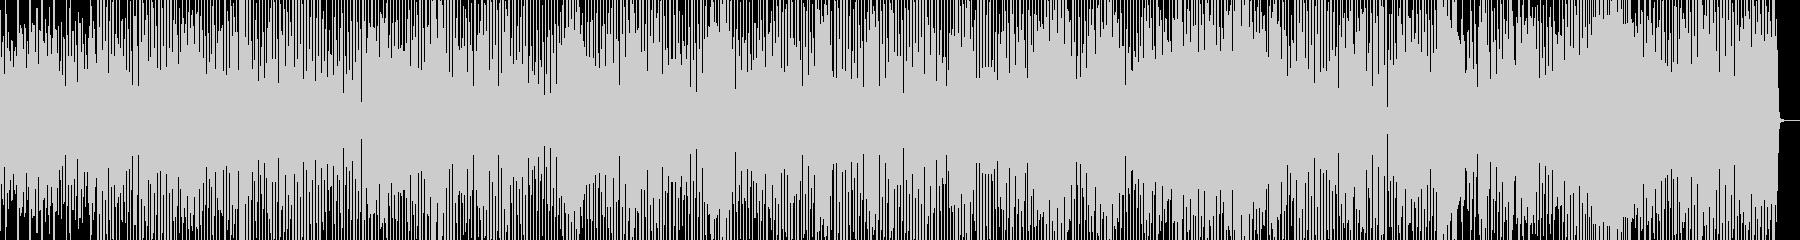 スウィング・ほのぼの・楽しいの未再生の波形